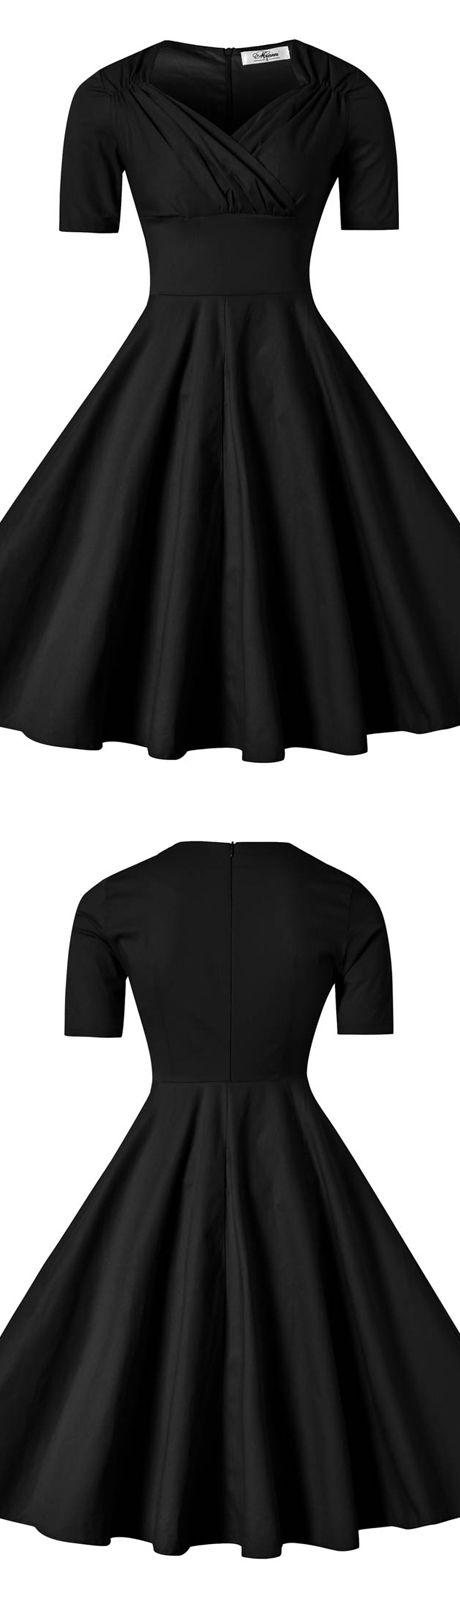 Black V-neck Solid Mid-Length Vintage Cocktail Dress for Women vintage,vintage style dress,vinatge fashion,vntage dress,50s dress,50s fashion,50s style dress,balck dress,retro dress,retro style dress